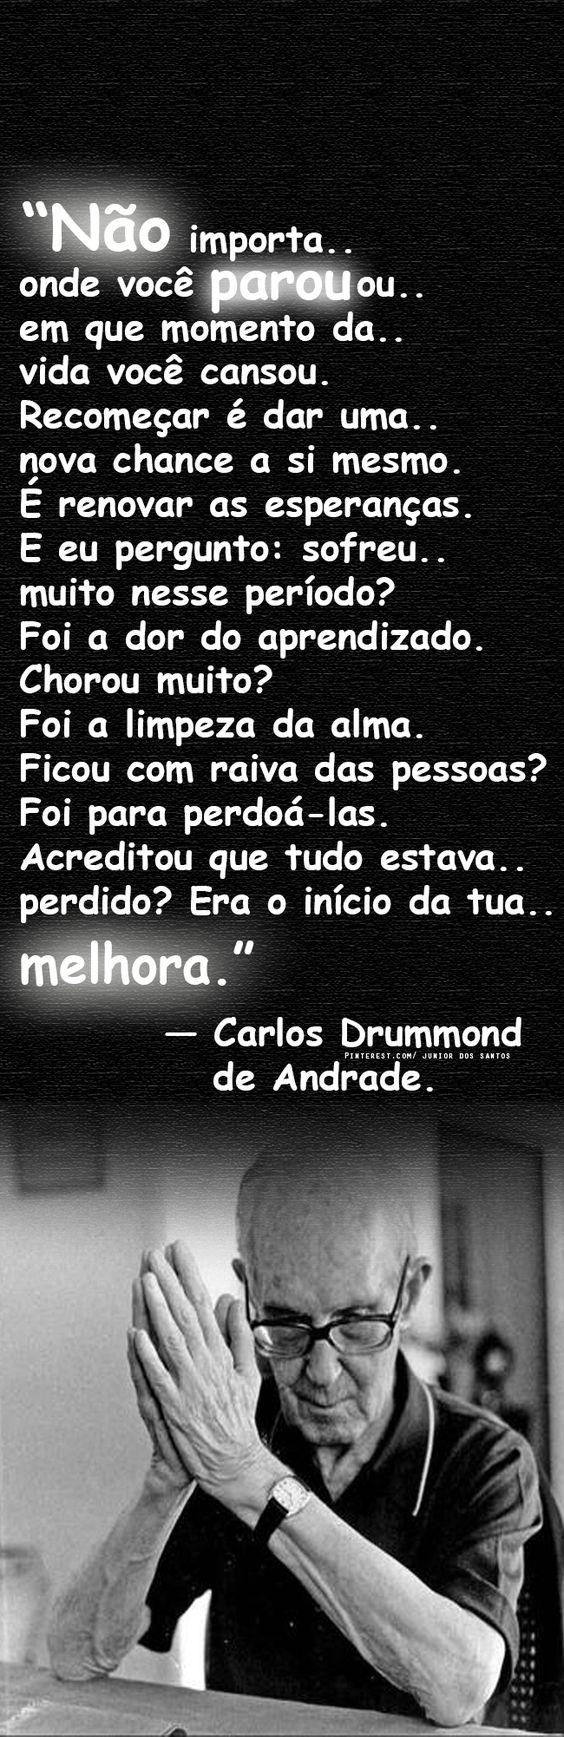 —  Carlos Drummond de Andrade.: